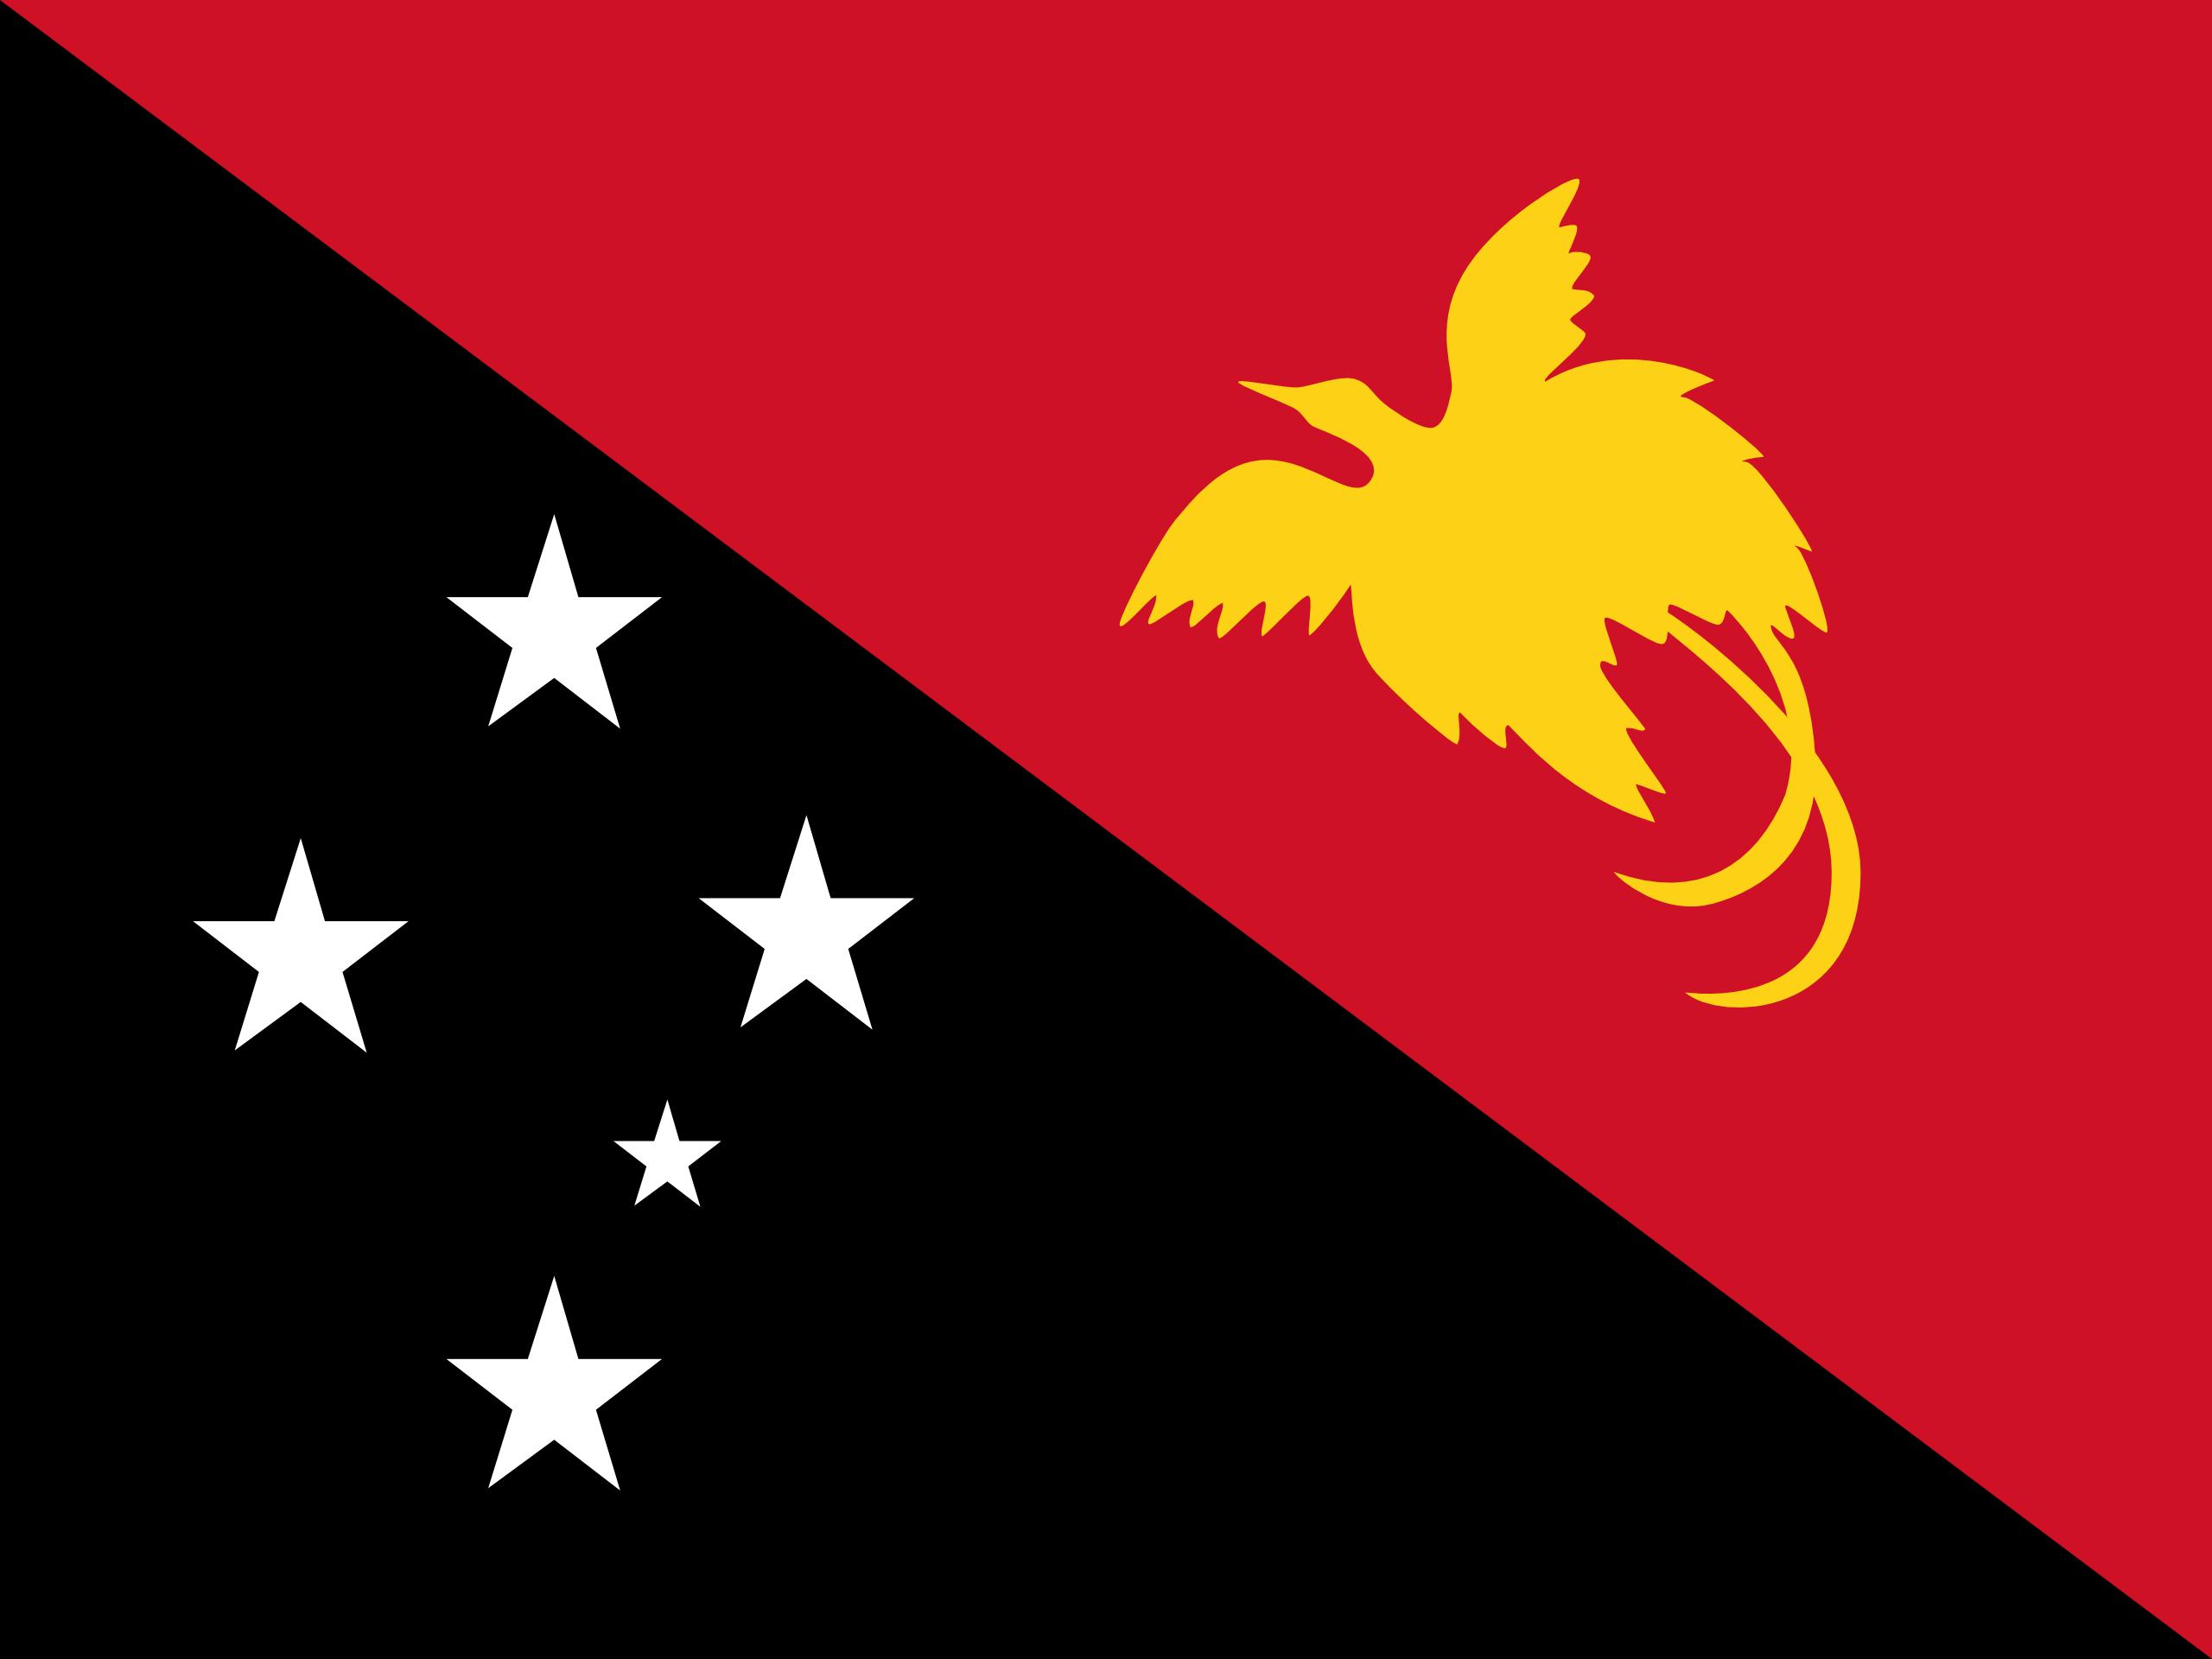 papúa nueva guinea, país, emblema, insignia, シンボル - HD の壁紙 - 教授-falken.com